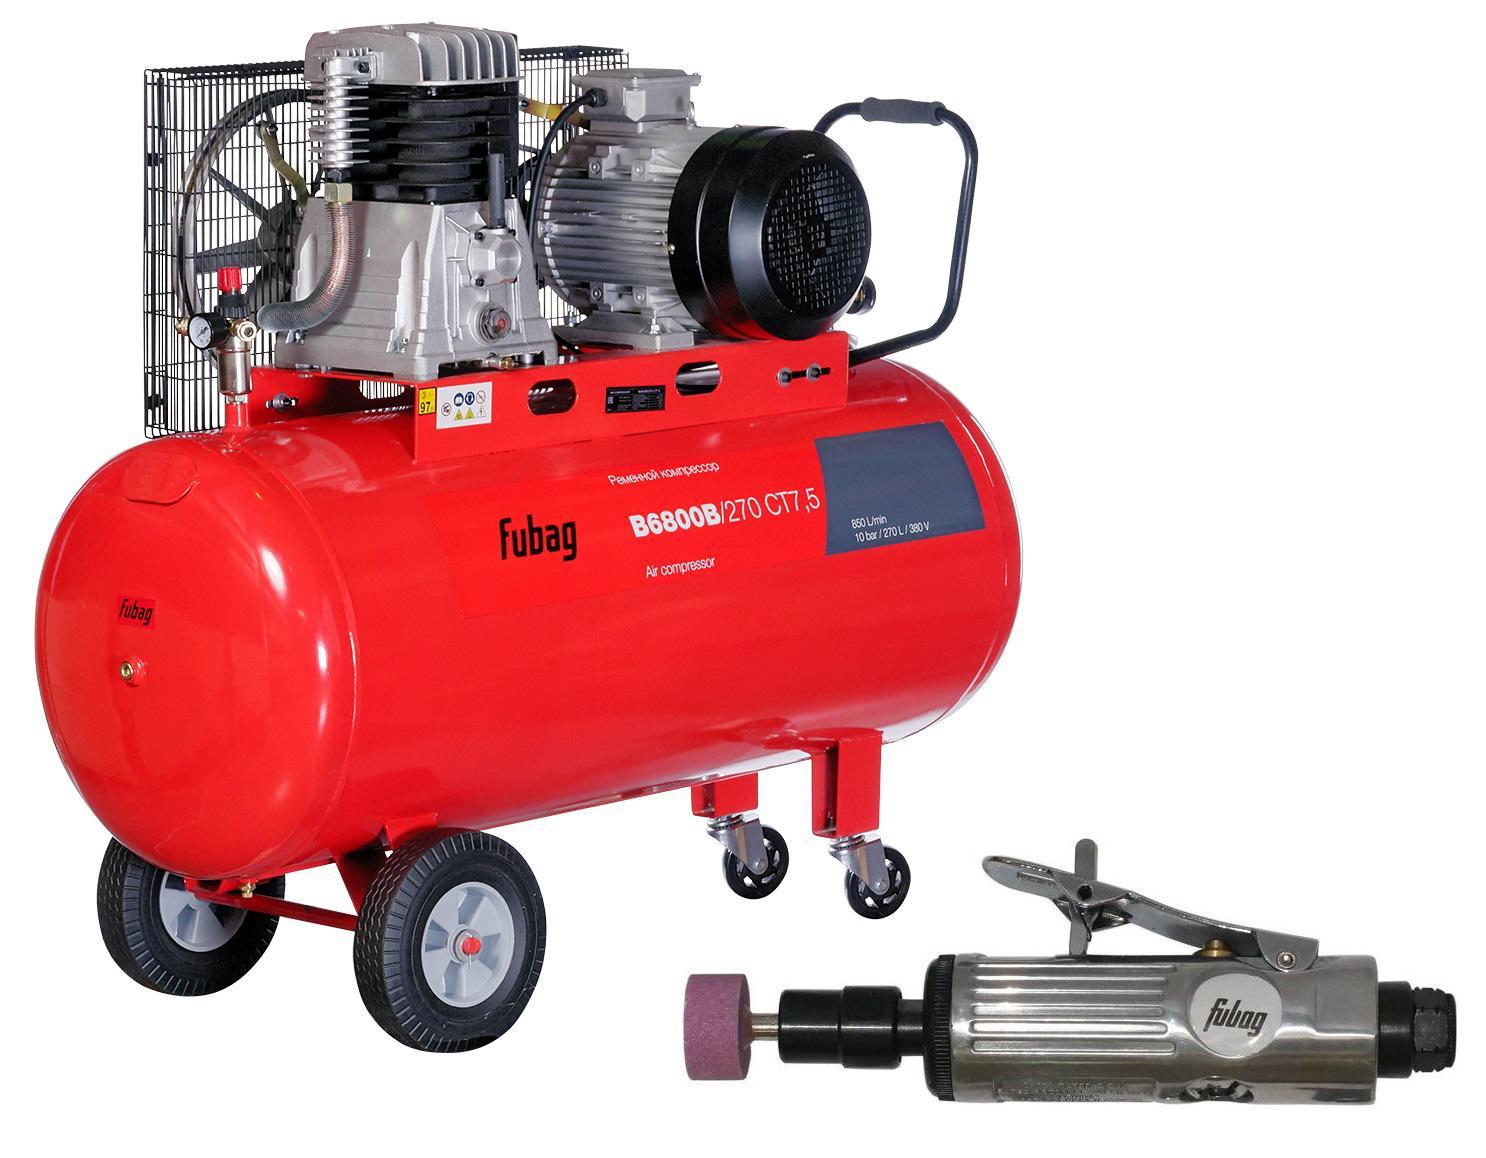 Набор Fubag Компрессор b6800b/270 ct7.5 + Шлиф.машина gl103  компрессор поршневой fubag b6800b 270 ст7 5